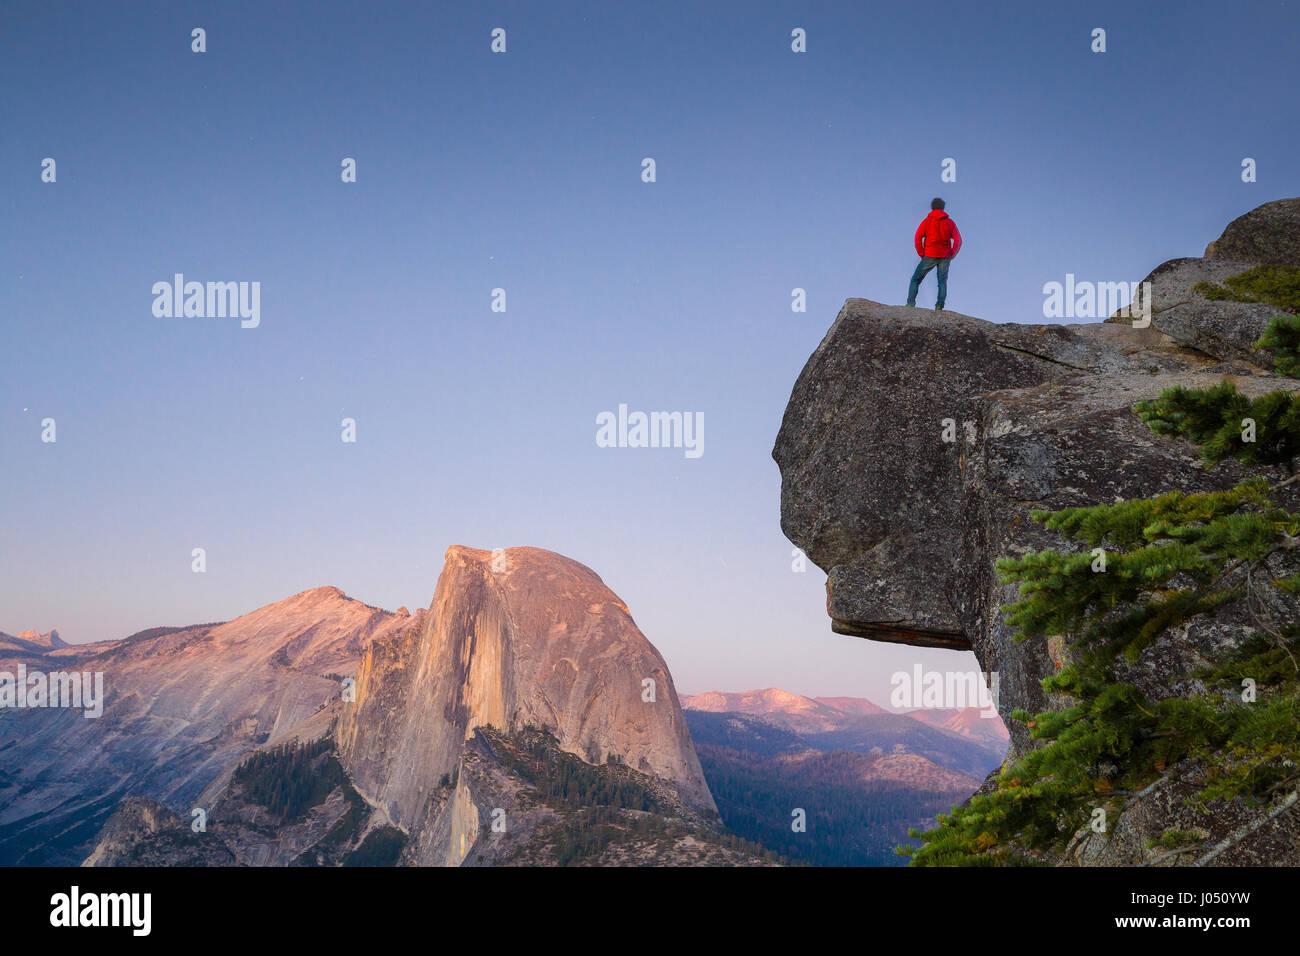 Un intrepido escursionista è in piedi su una roccia a strapiombo godendo della vista verso il famoso Half Dome Immagini Stock